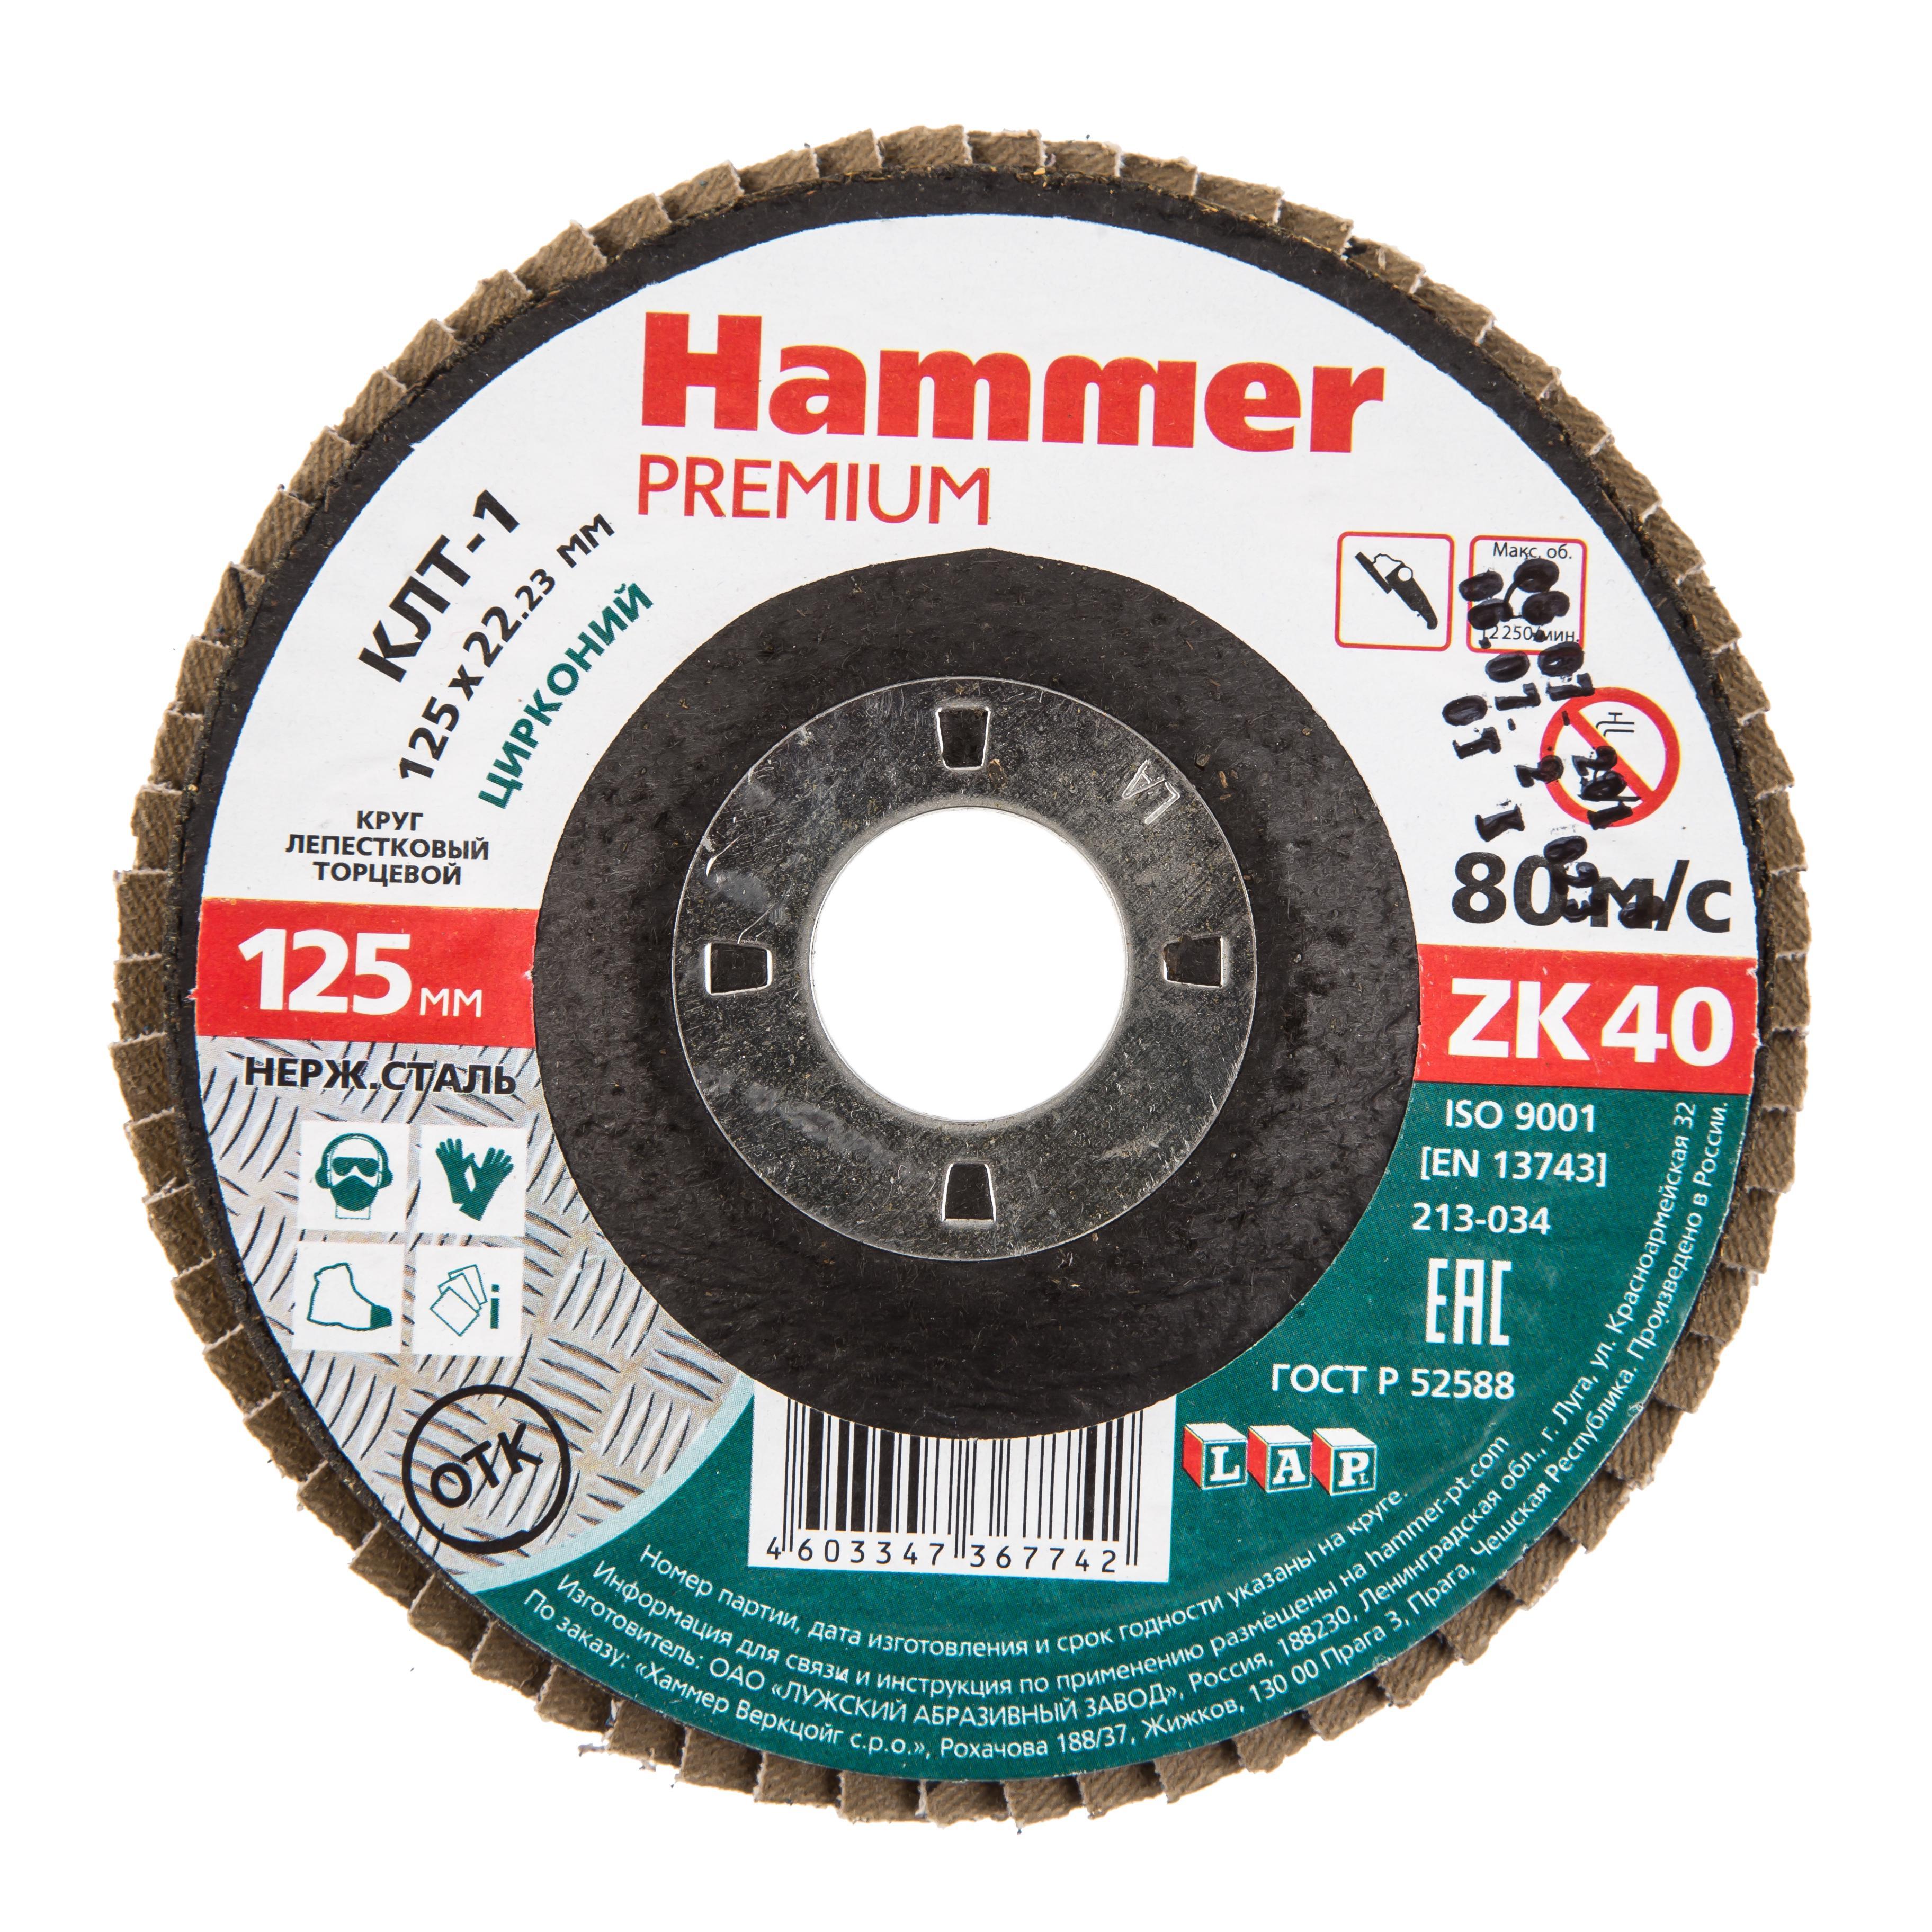 Купить Круг Лепестковый Торцевой (КЛТ) Hammer 213-034